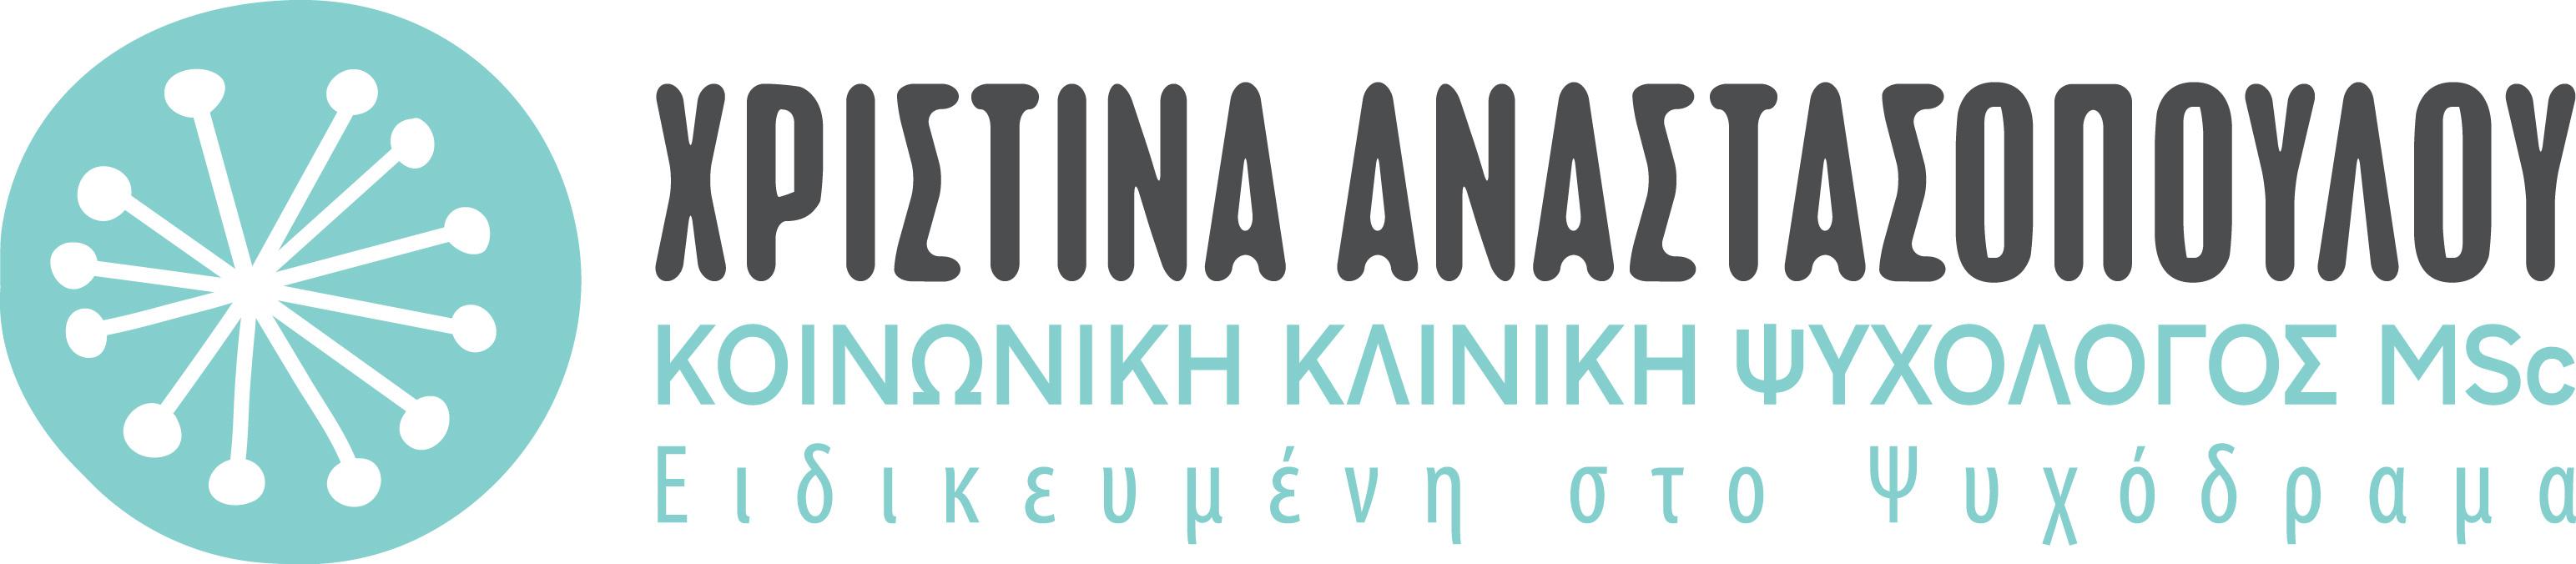 Χριστίνα Αναστασοπούλου, Ψυχολόγος